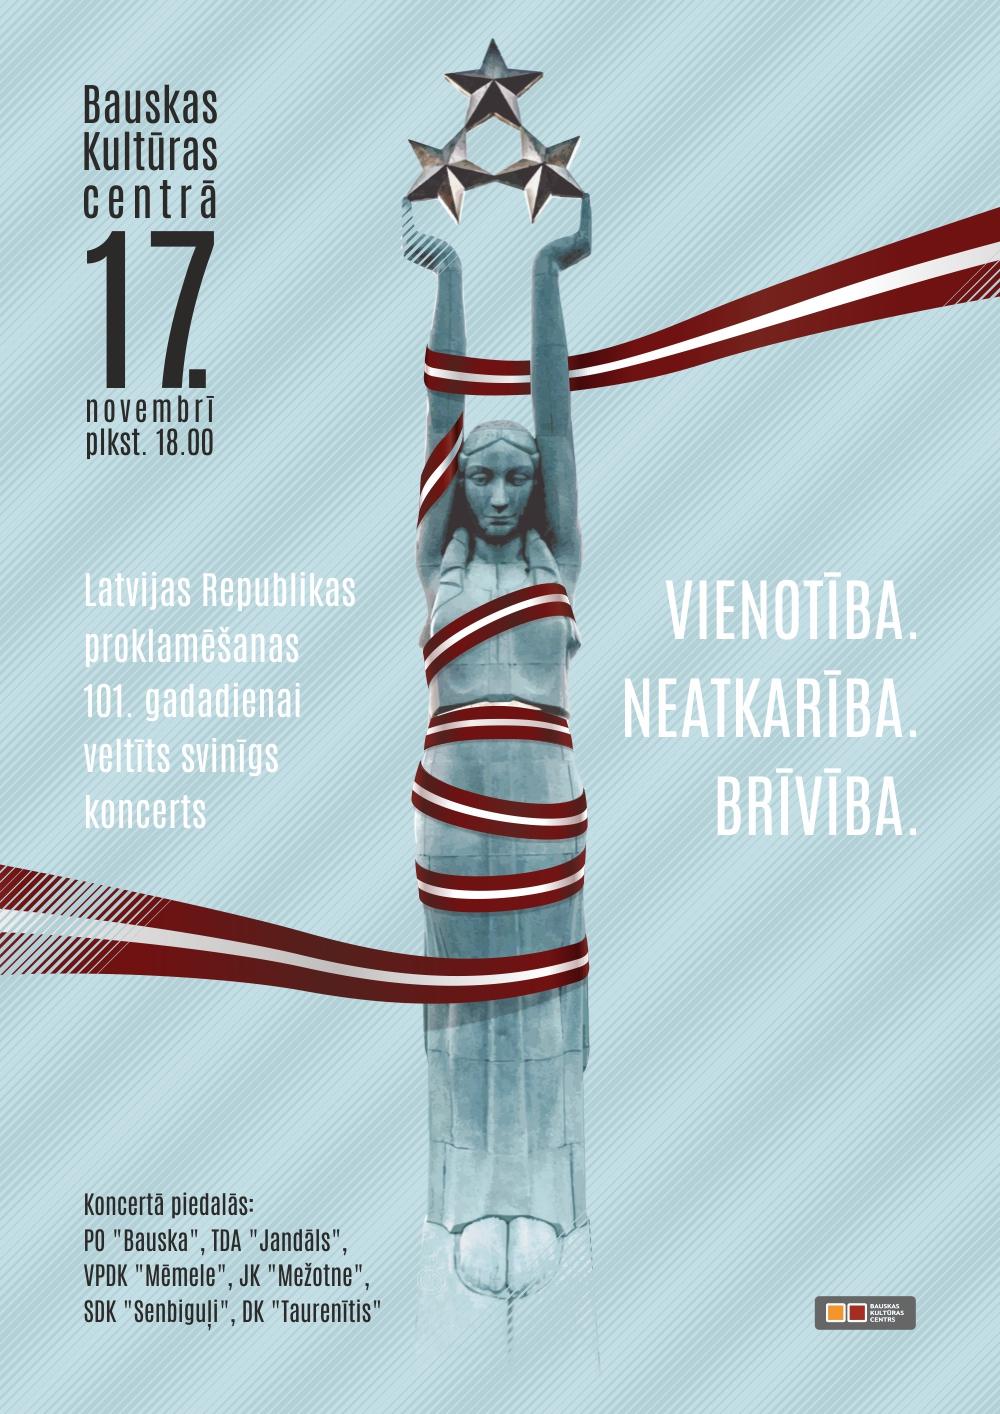 Svētku koncerts Bauskā